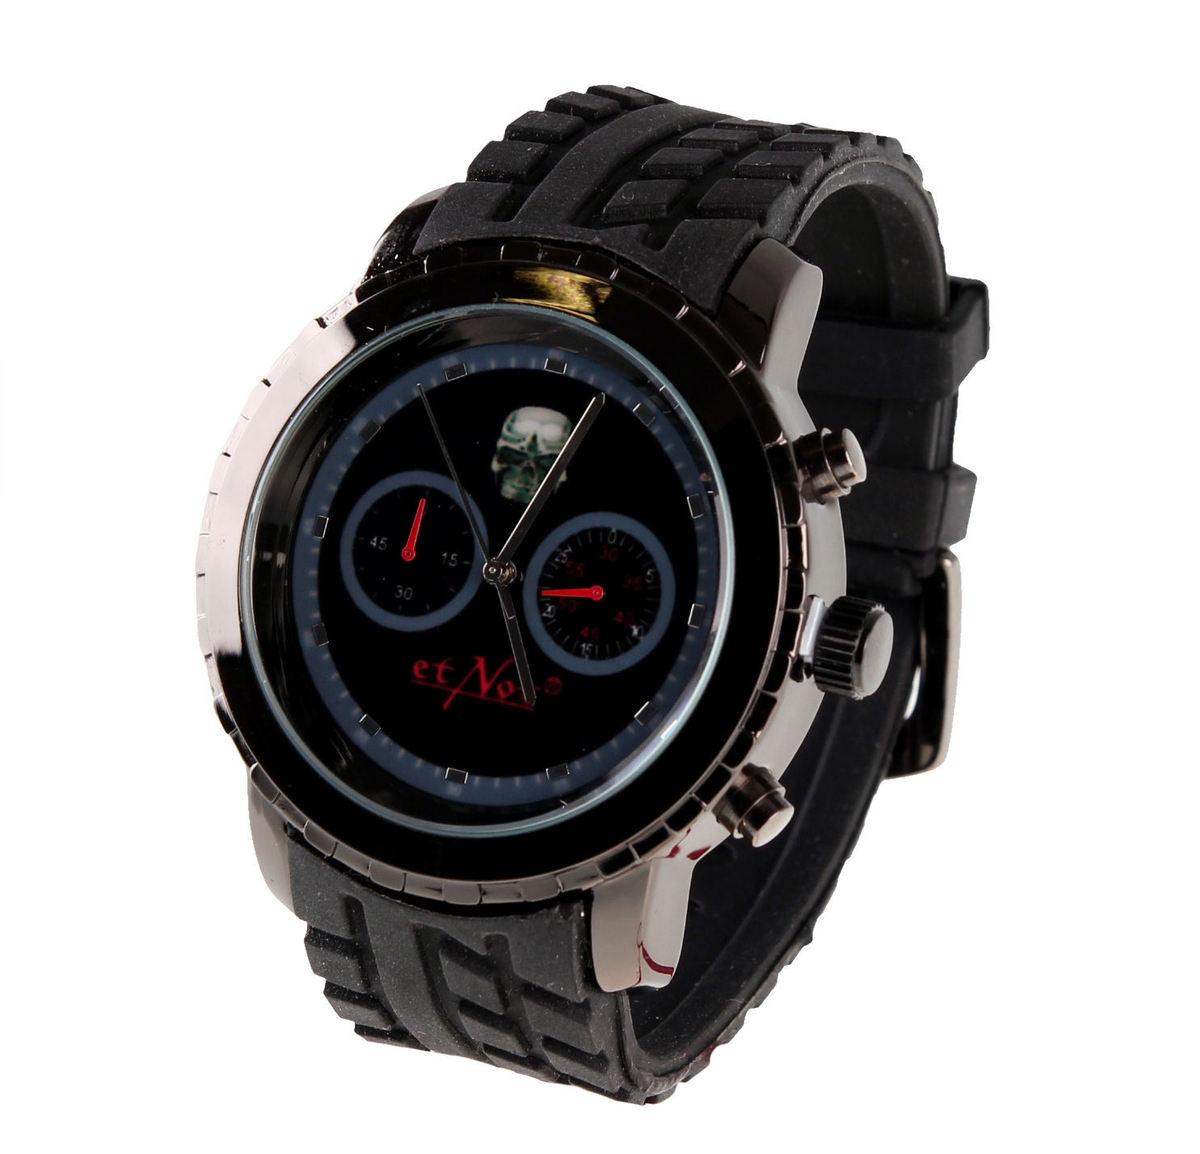 hodinky ETNOX - Cockpit - U4004